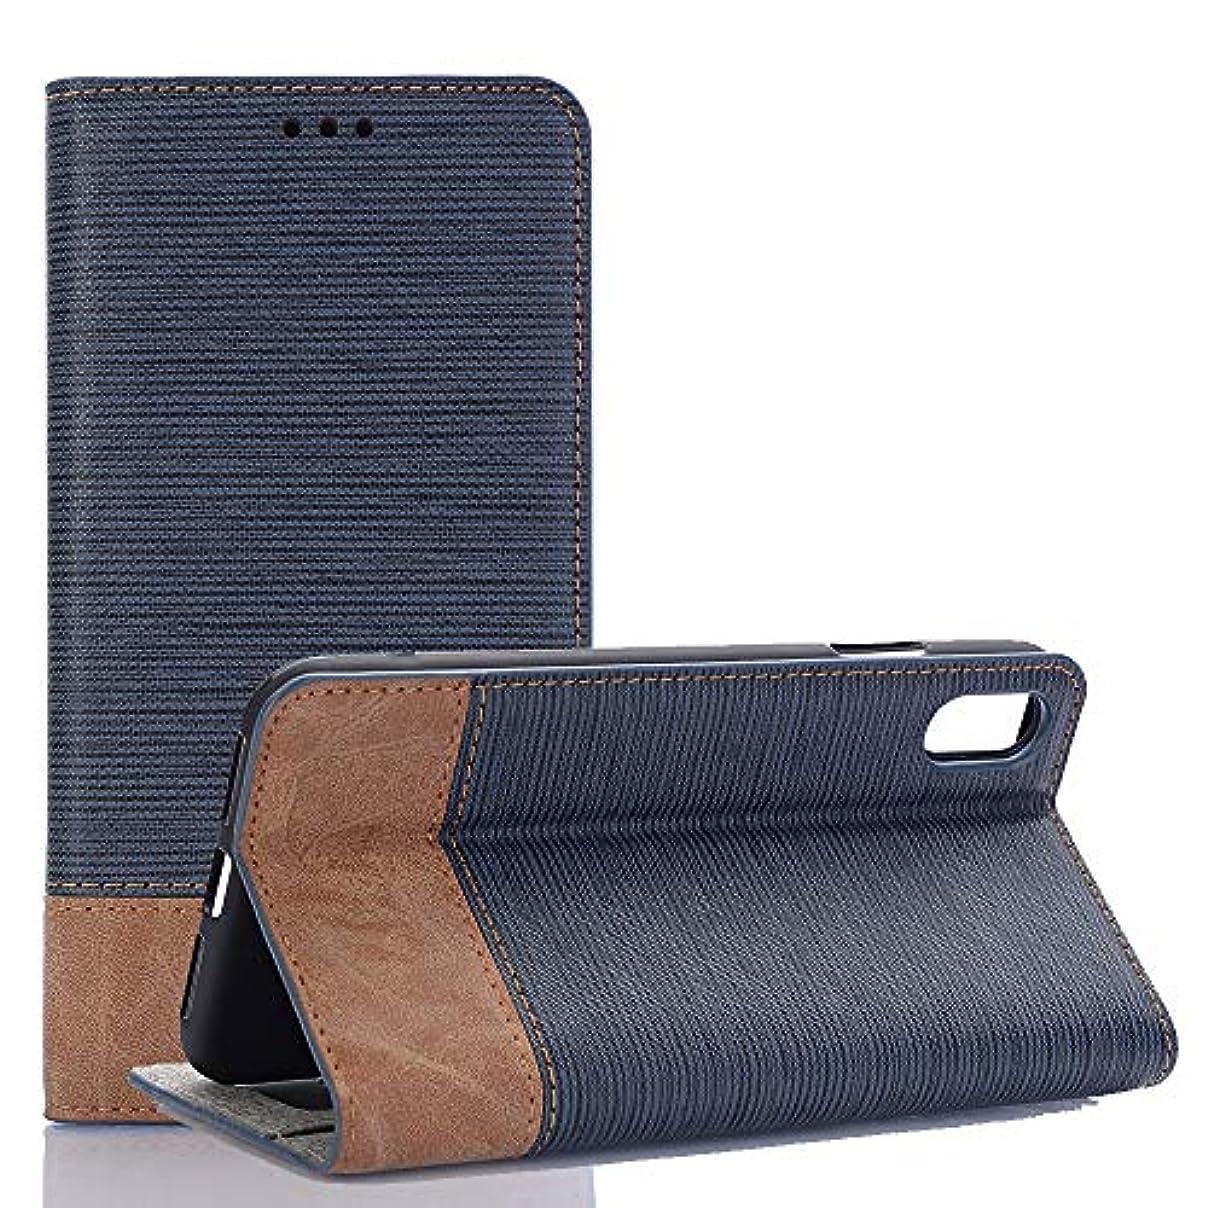 オーガニックさびた飛ぶGalaxy S9 ケース、INorton 本革ケース 全面保護 衝撃吸収 スタンド機能 カード収納 手帳型 スマートケース Galaxy S9対応